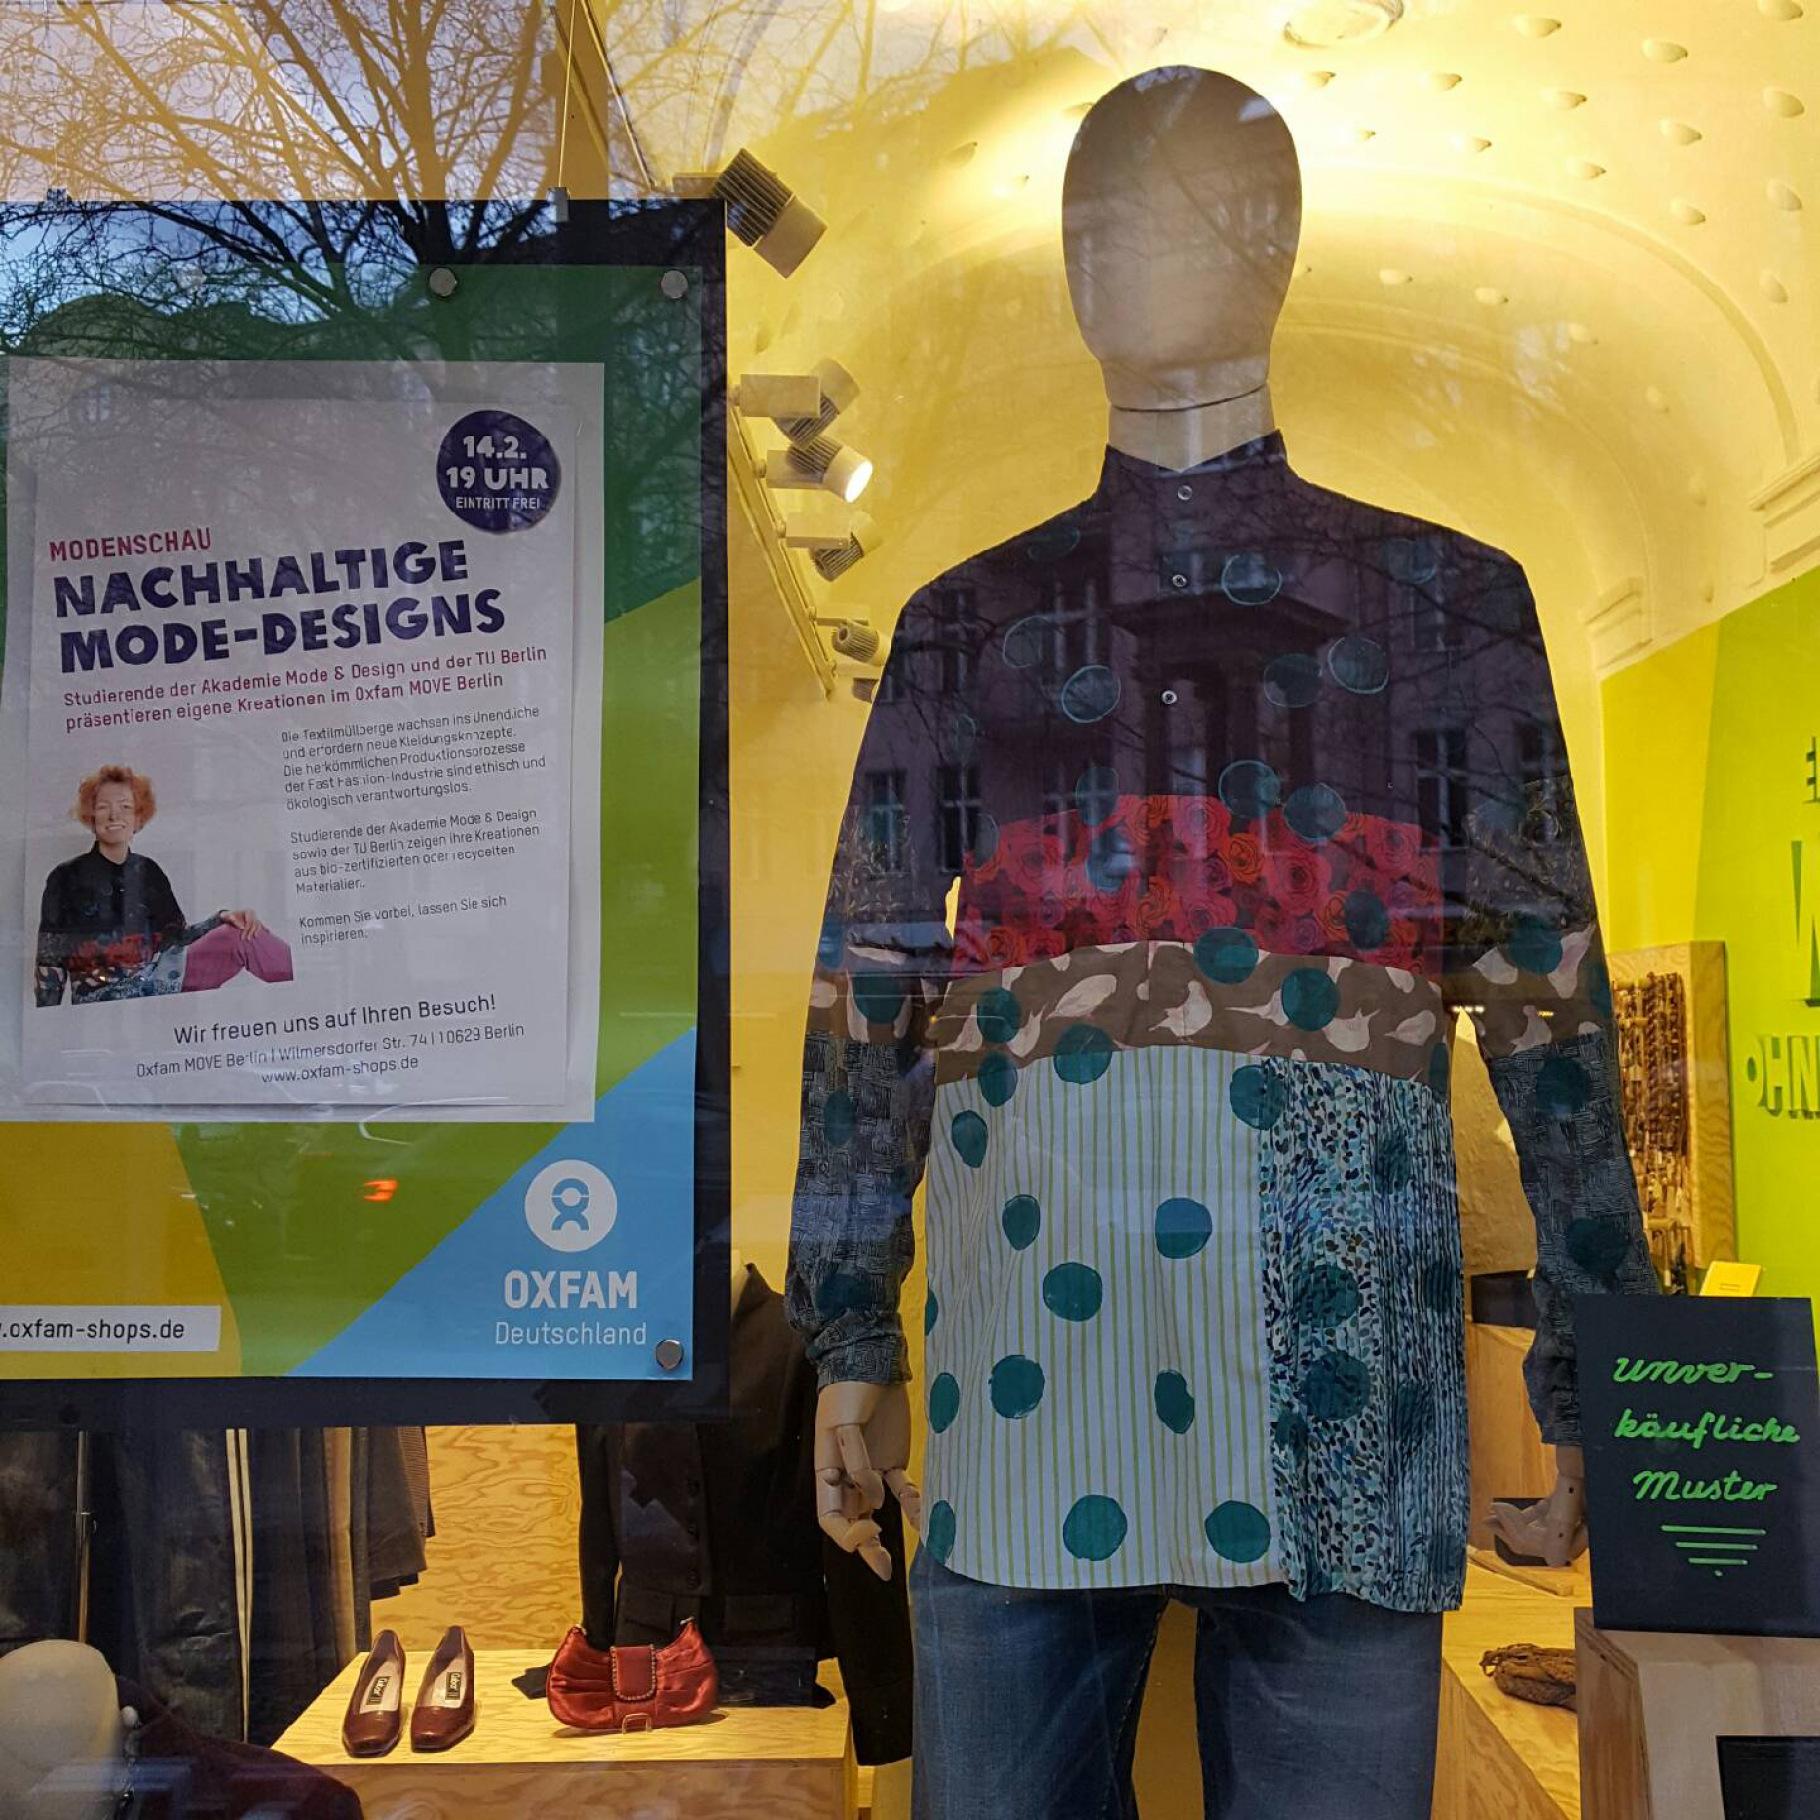 """Entwurf für die Modenschau """"Nachhaltige Mode-Designs im Oxfam MOVE Berlin"""